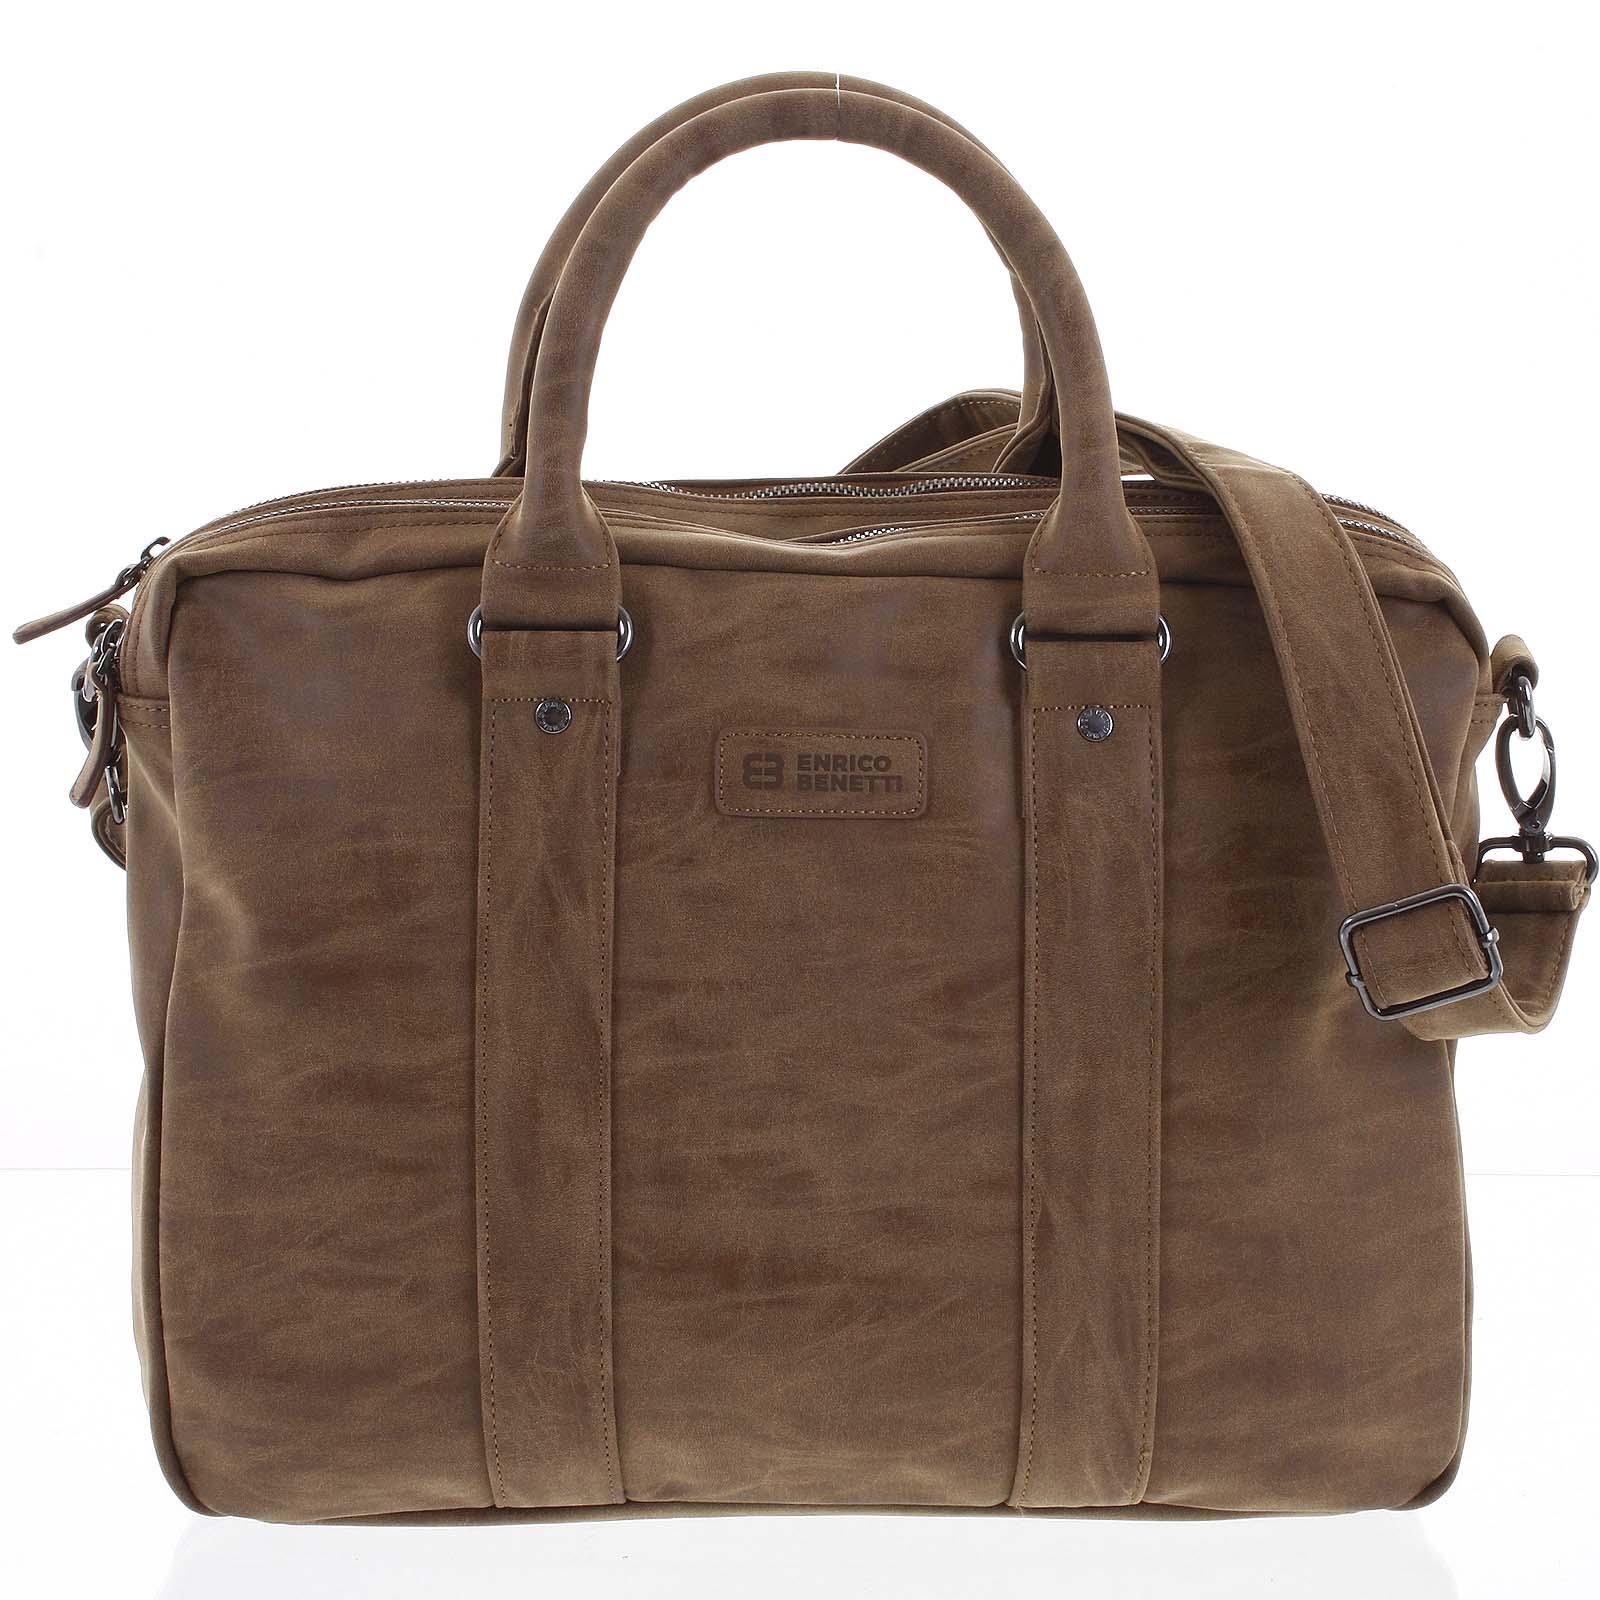 Pánska taška taška cez rameno hnedá - Enrico Benetti 4539 New hnedá